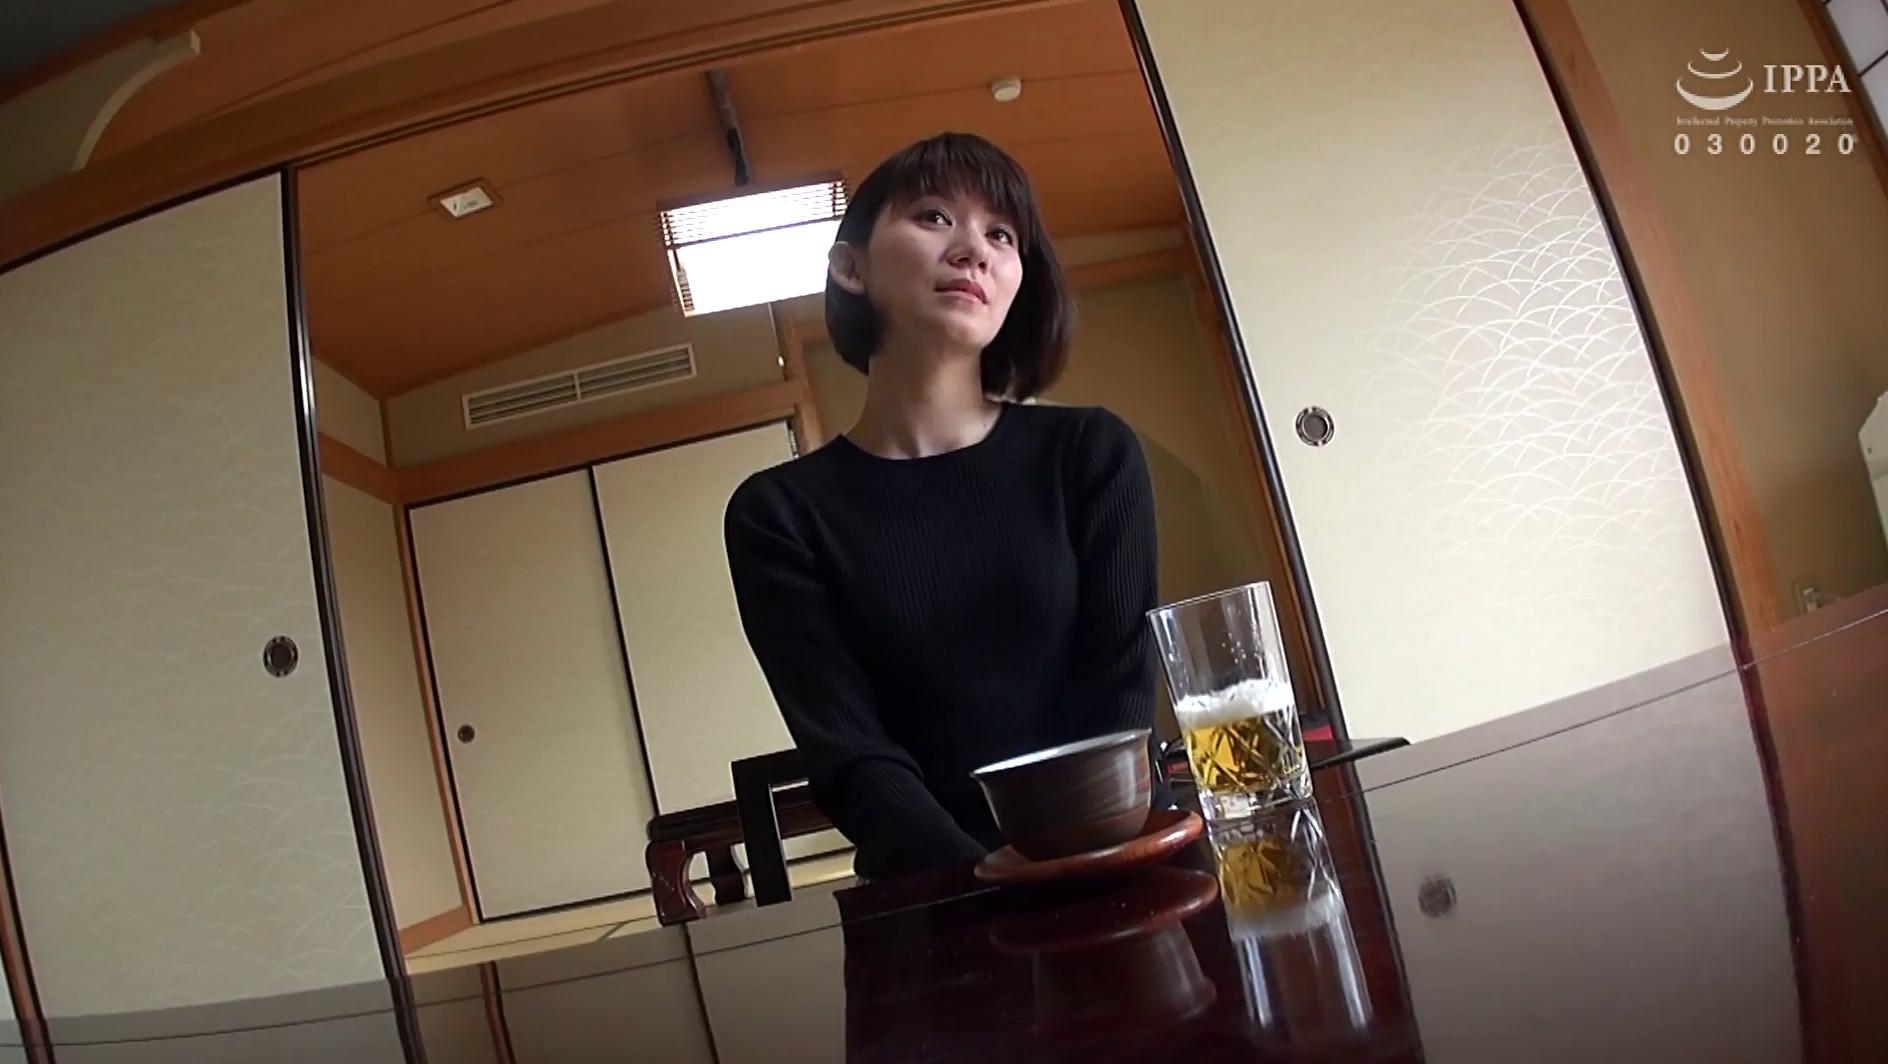 人妻寝取られ温泉旅行【三】 人妻・真衣(仮名) 35歳 結婚8年11ヶ月 子供1人 専業主婦